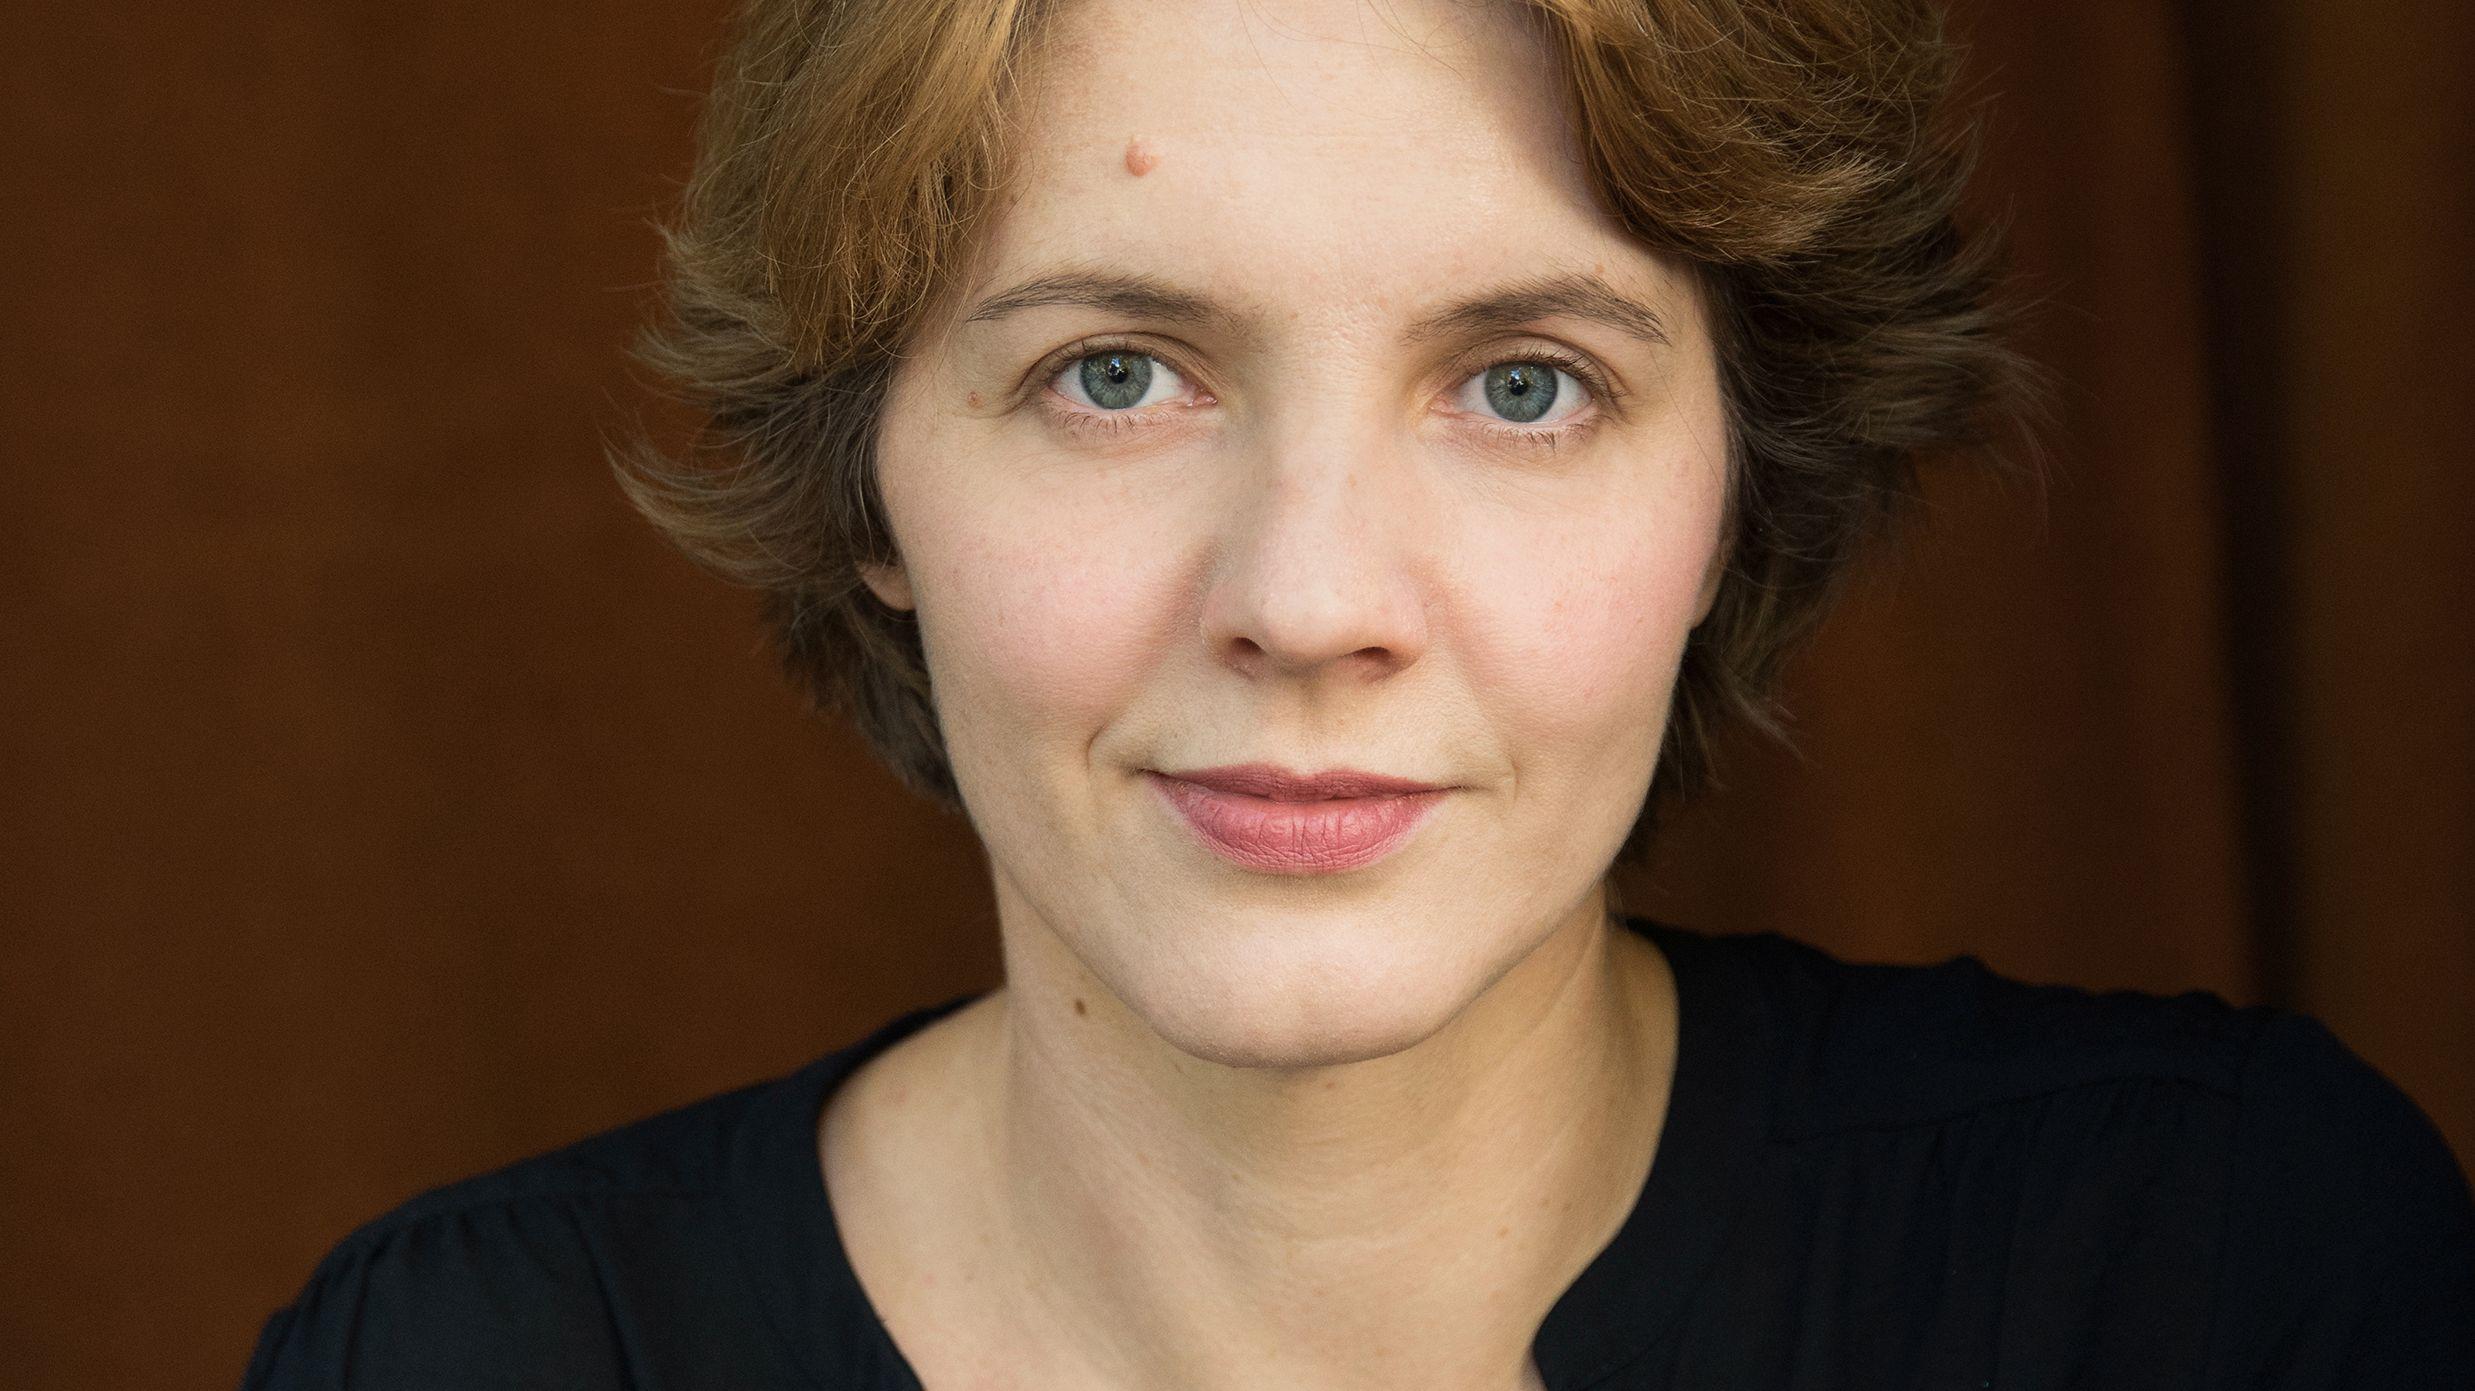 Schriftstellerin Peggy Mädler blickt in die Kamera